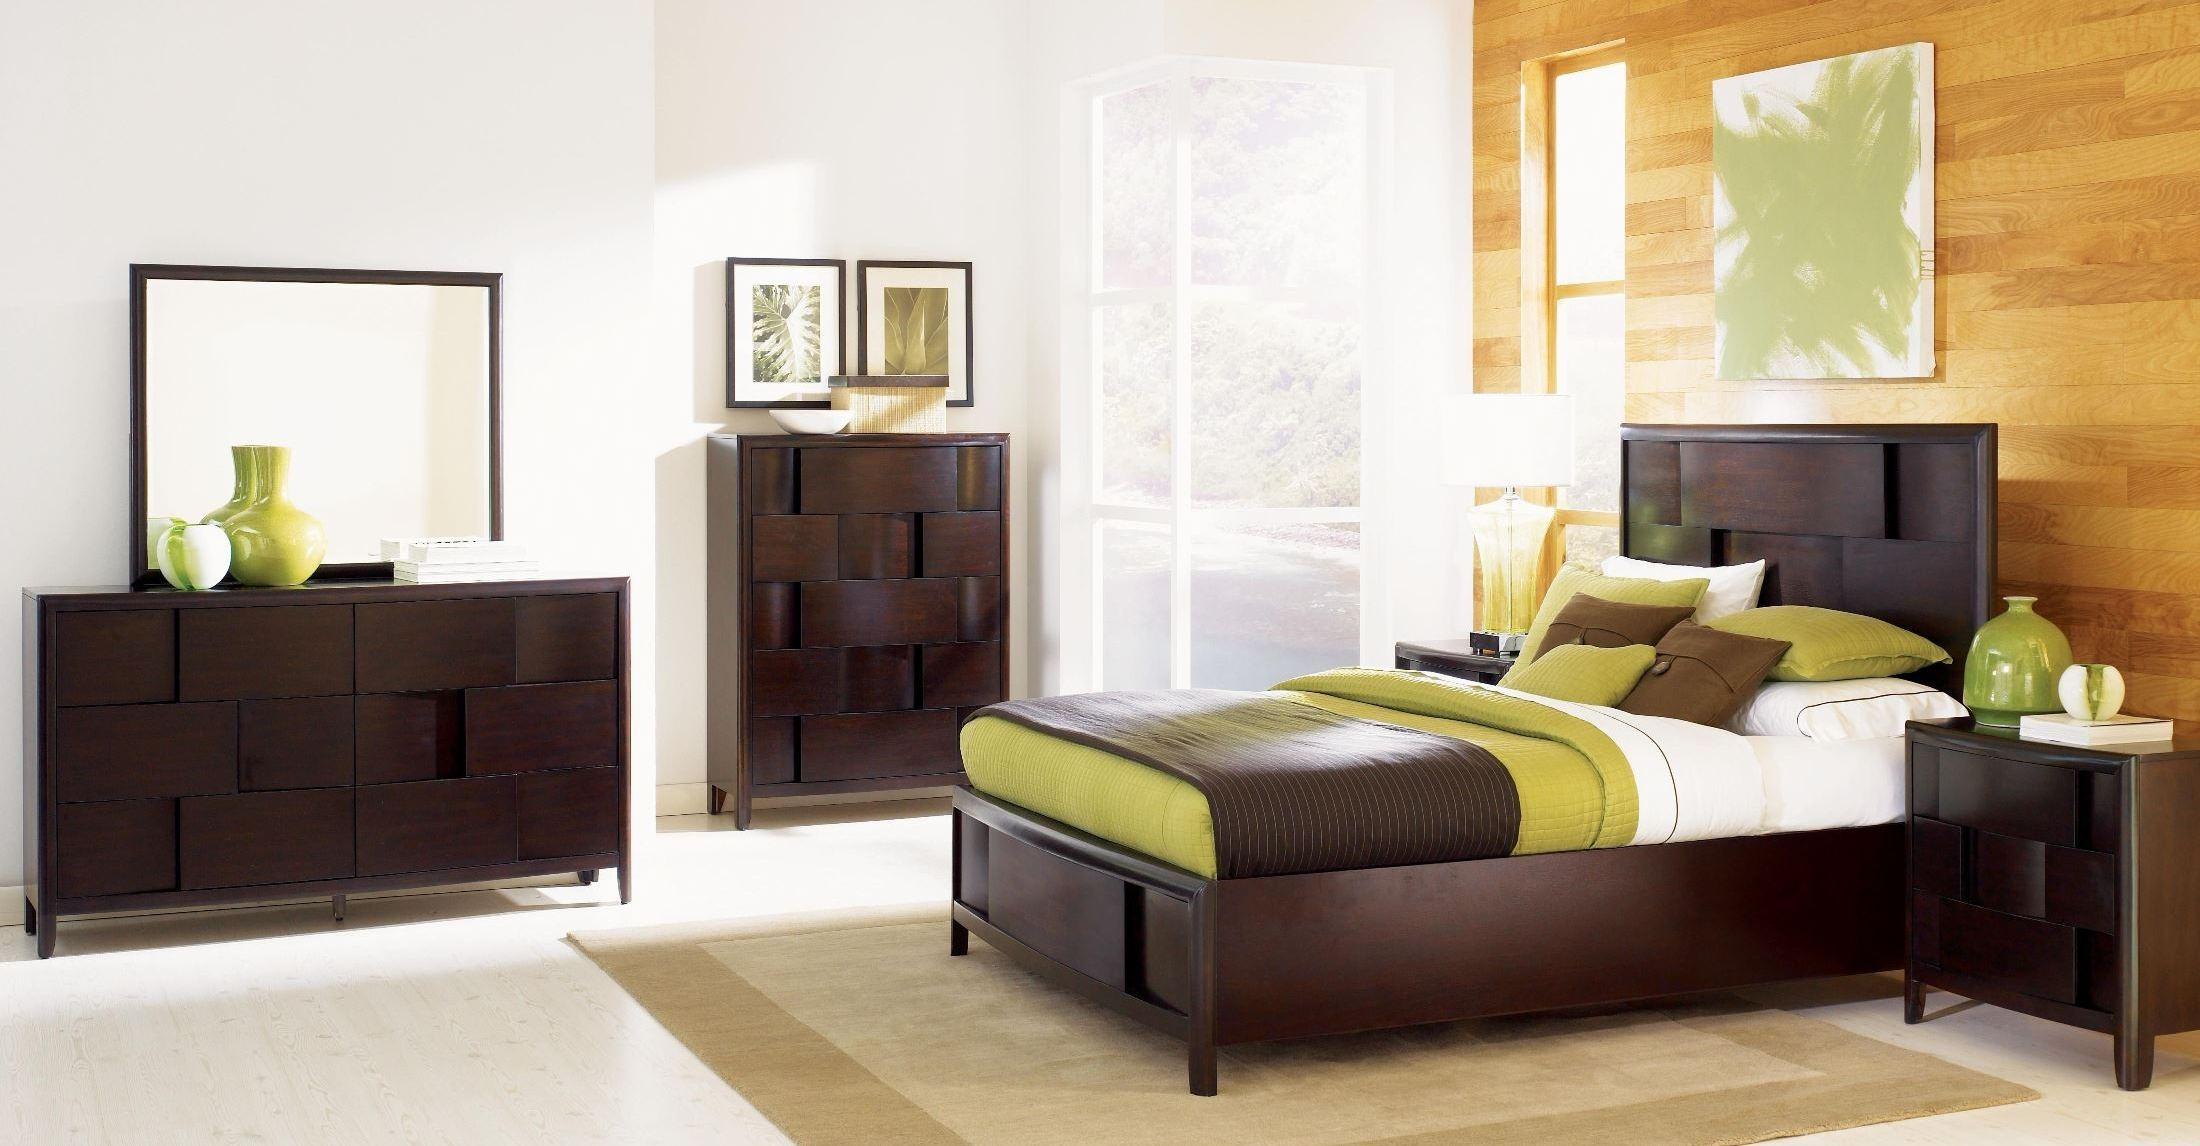 nova bedroom set from magnussen home b1428 50h 50f 50r coleman furniture